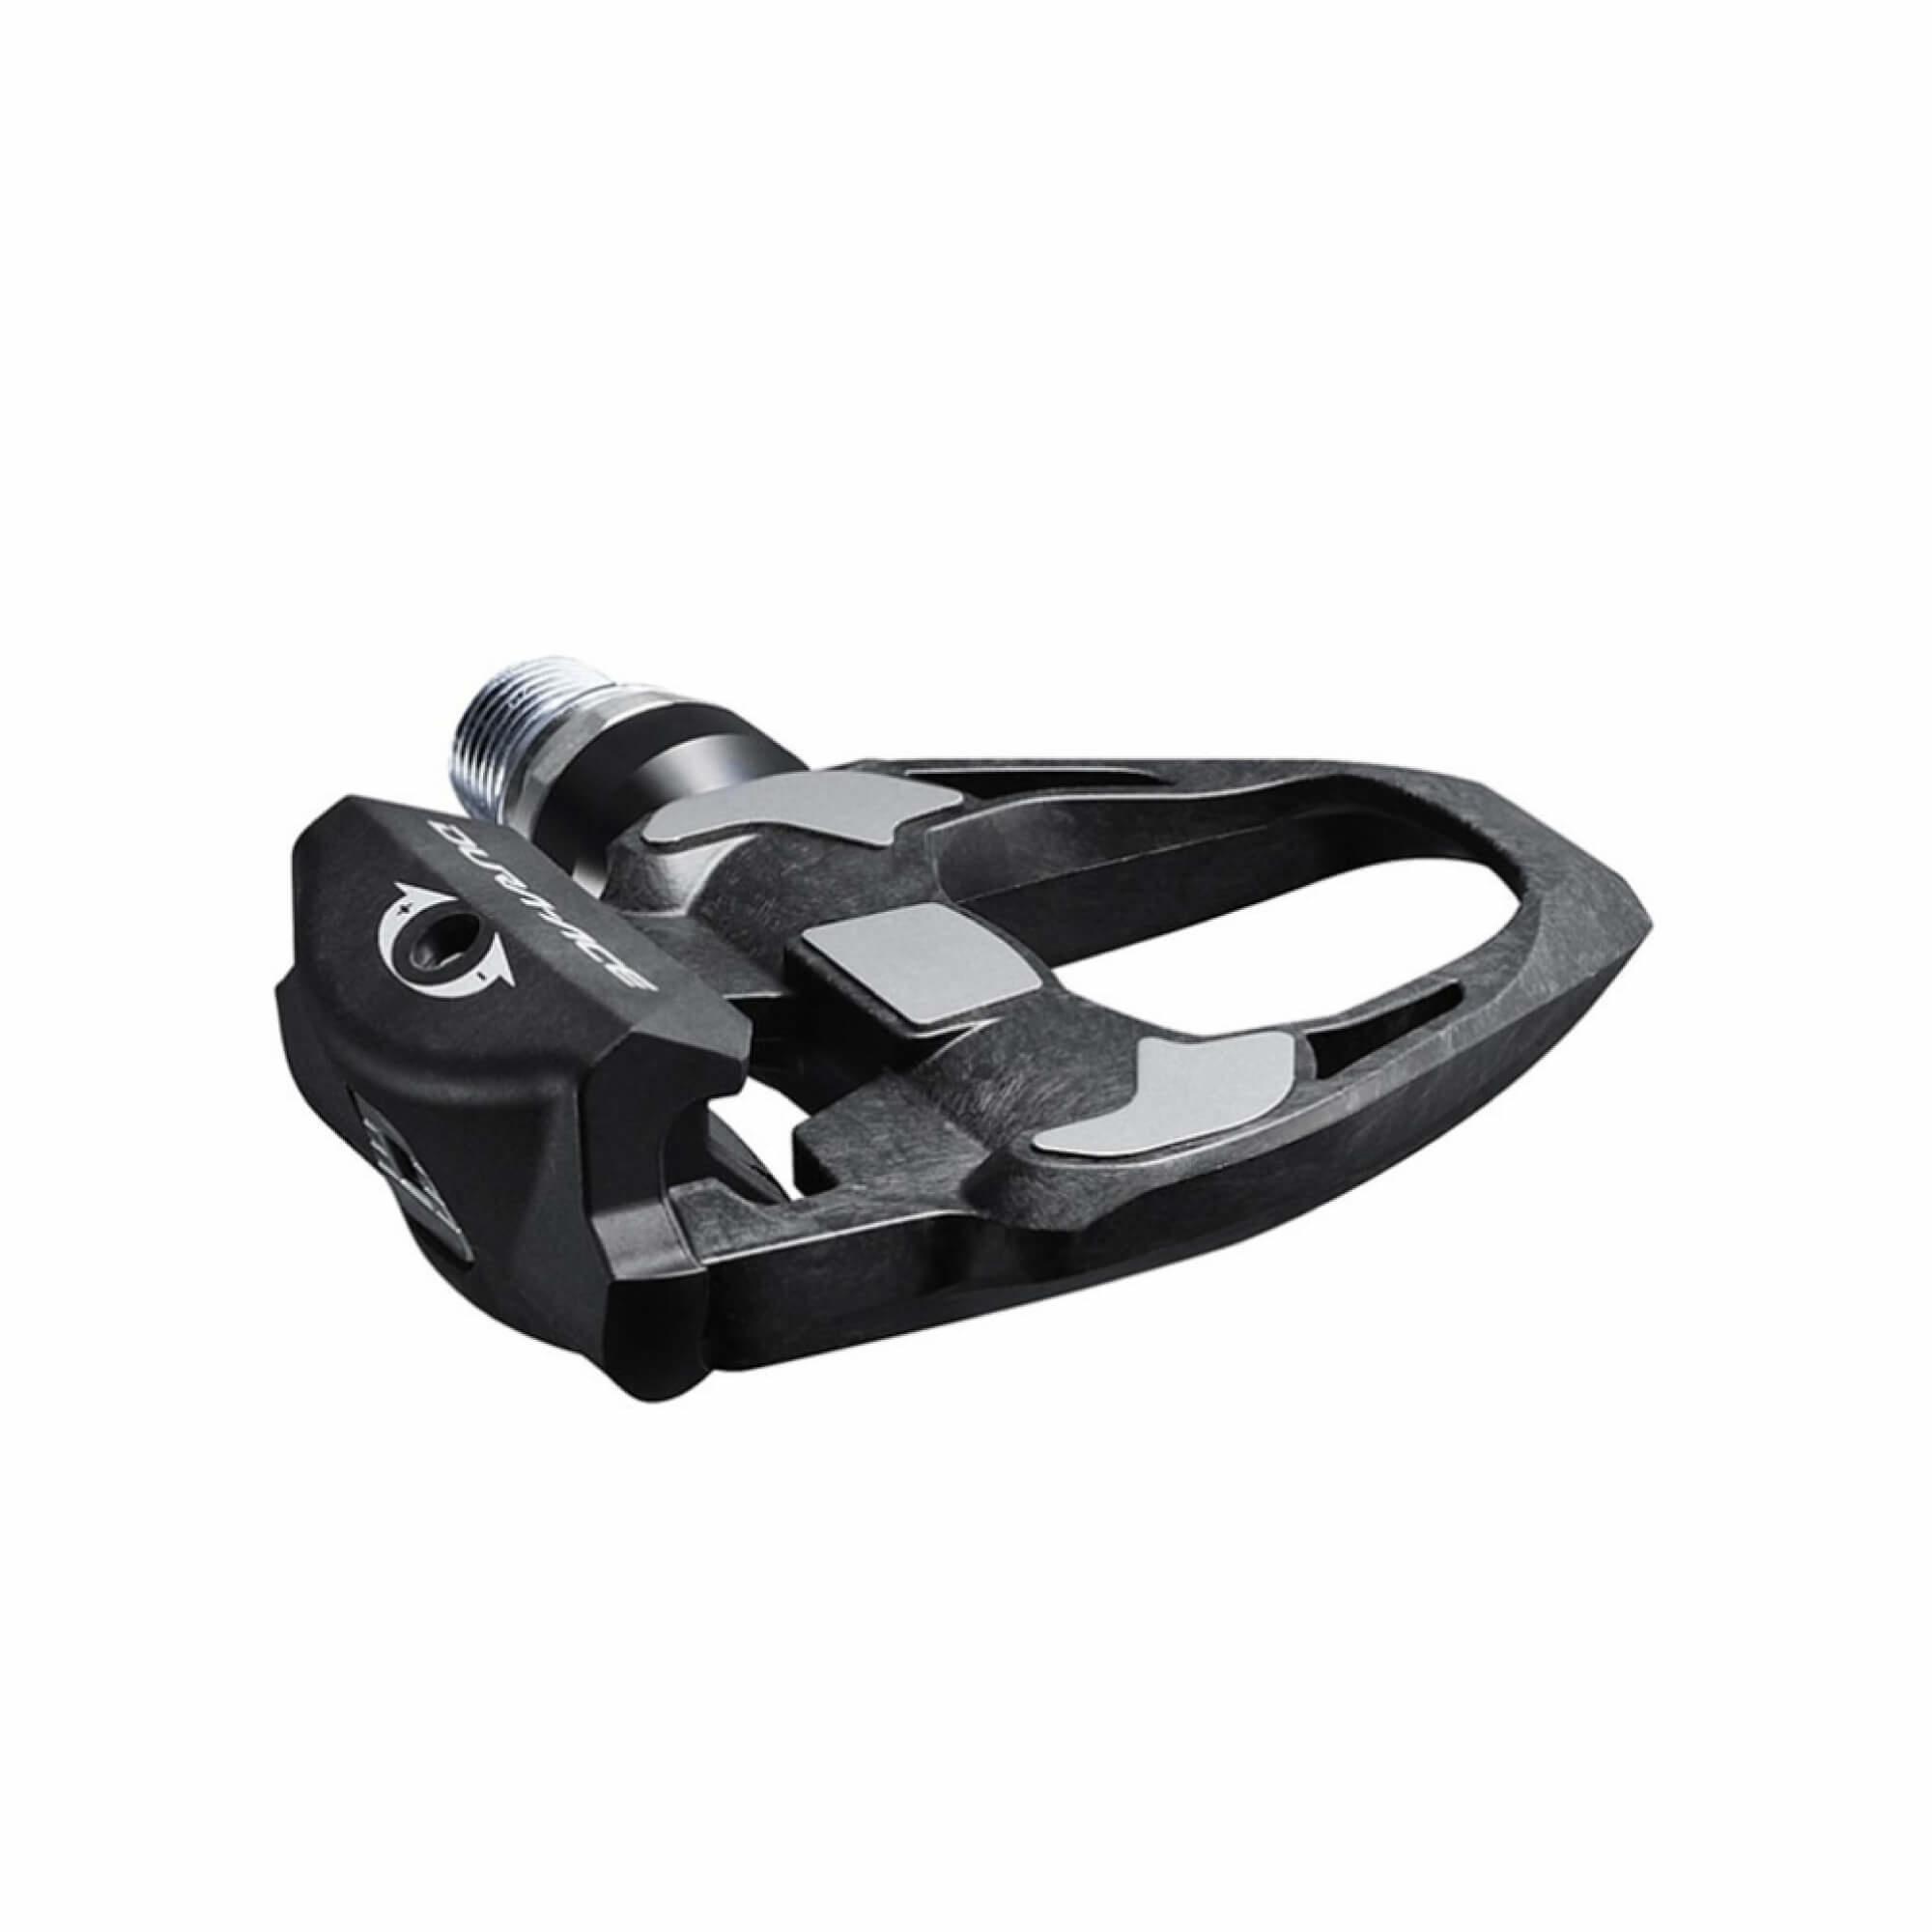 PD-R9100 SPD-SL Pedals Dura-Ace R9100-1